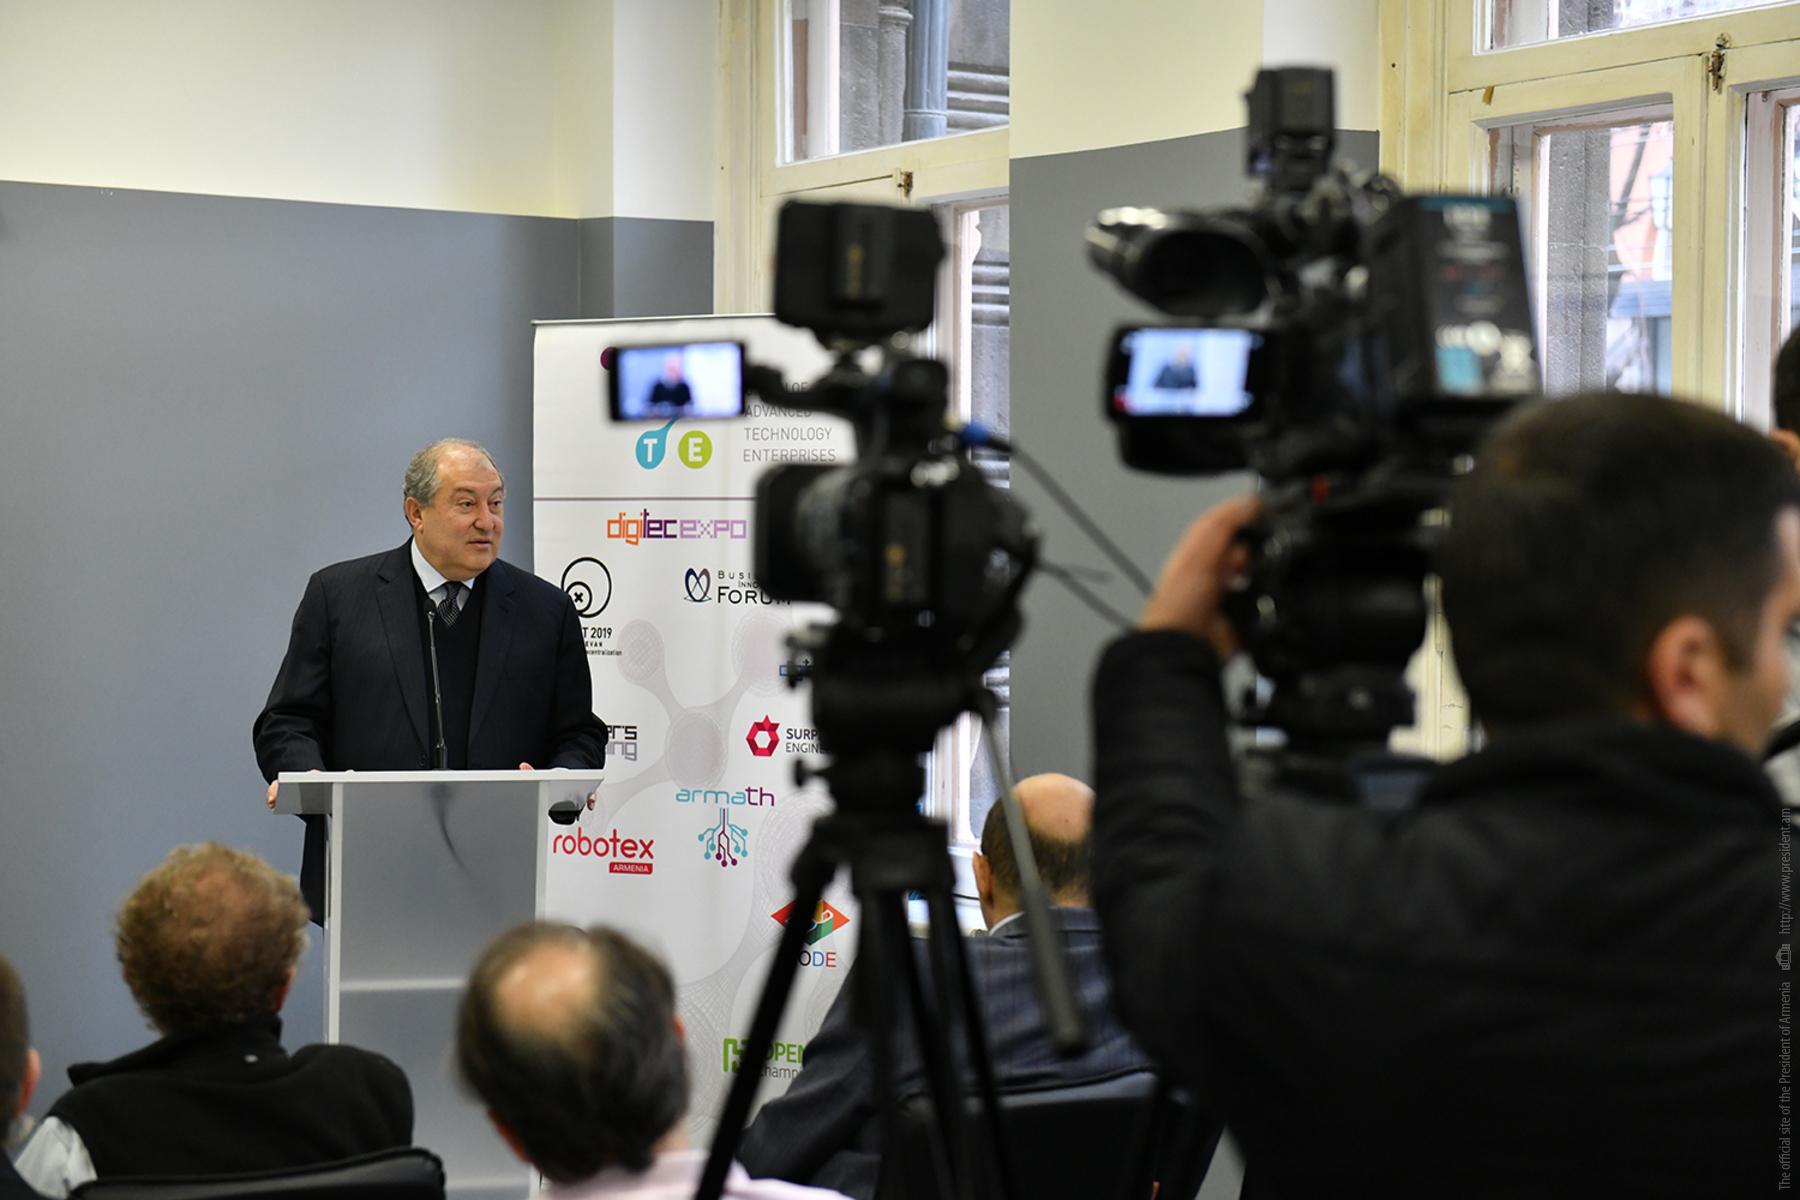 Հայաստանը դարձնել գիտության և տեխնոլոգիաների զարգացման առաջամարտիկ. նախագահ Արմեն Սարգսյանը մասնակցել է միջազգային գիտաժողովի